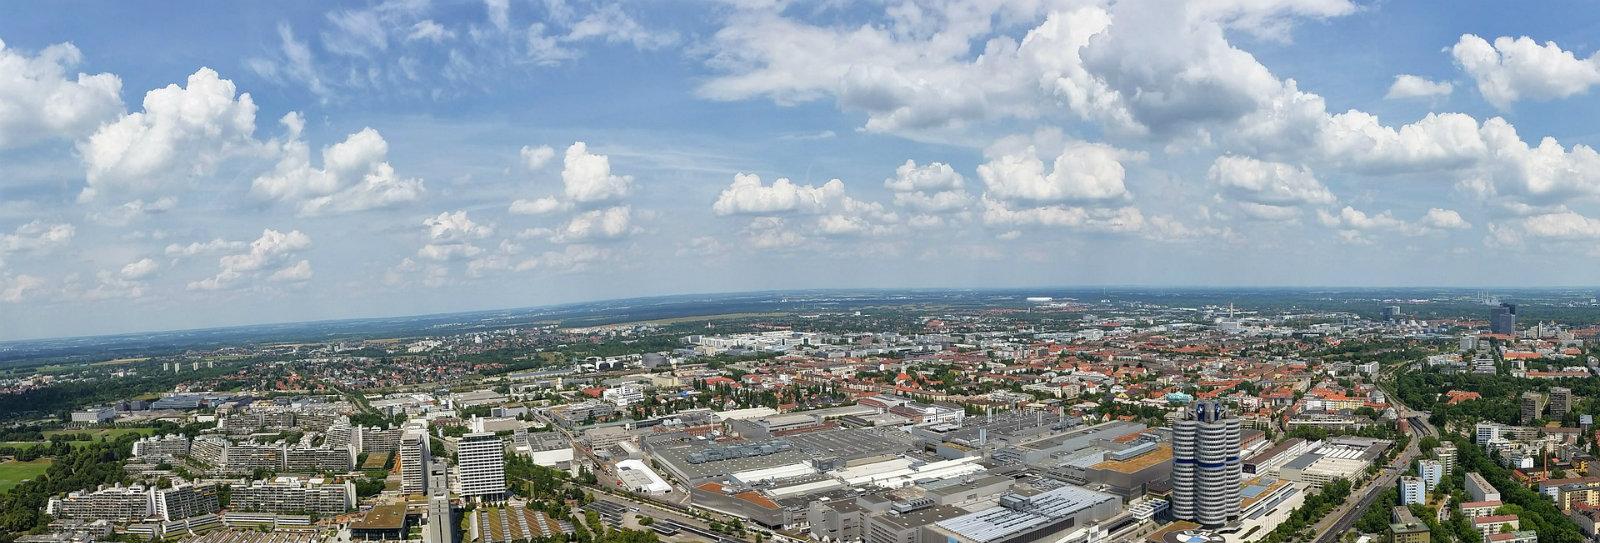 A ciclorrota da cerveja no sul da Alemanha é perfeita para quem quer unir essas duas paixões